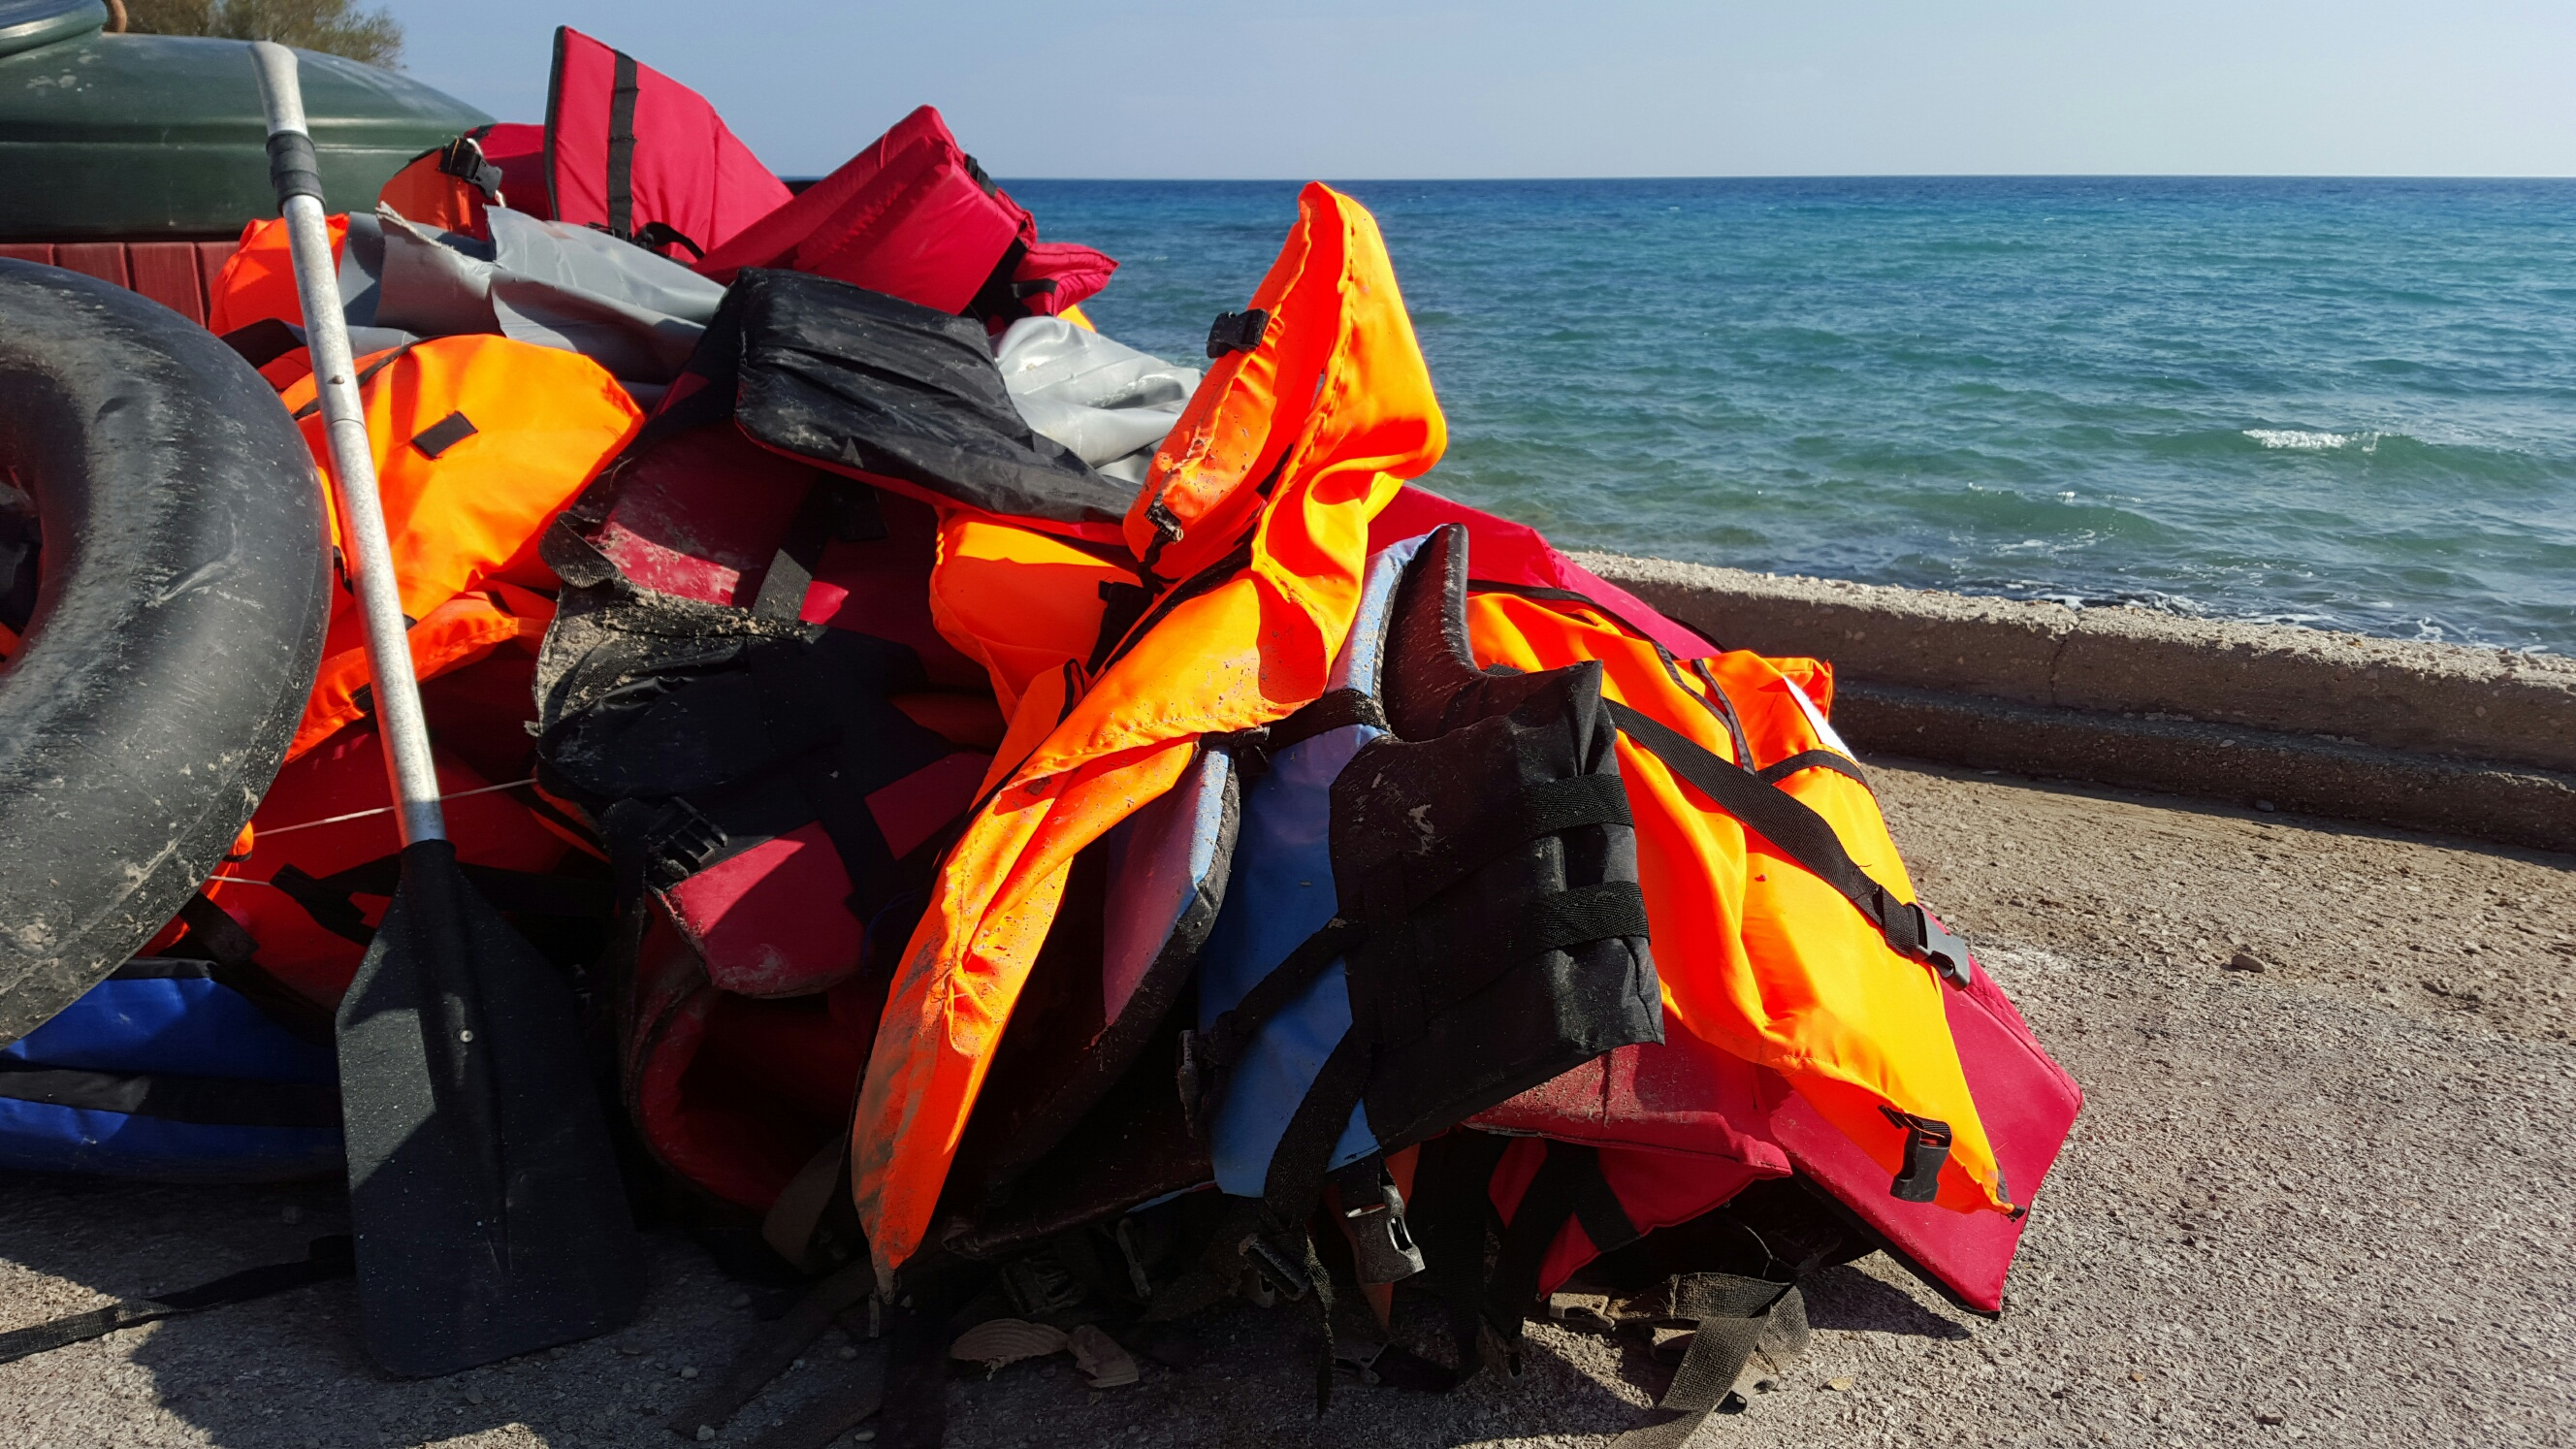 Haufen mit Schwimmwesten, wie man sie überall entlang der Küste findet, hier in Agia Ermioni.